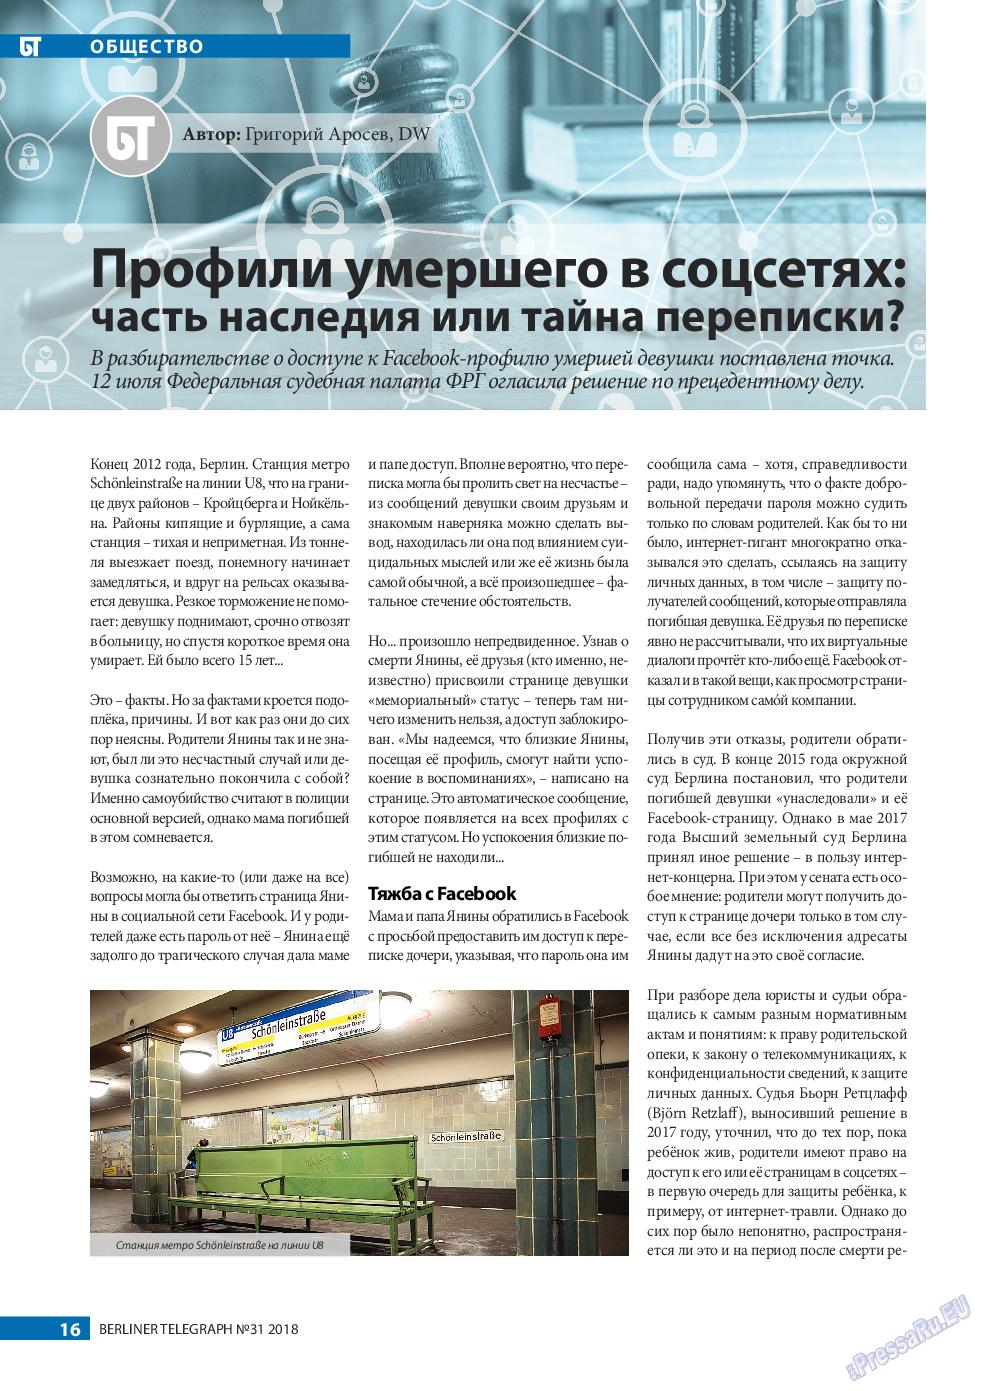 Берлинский телеграф (журнал). 2018 год, номер 31, стр. 16